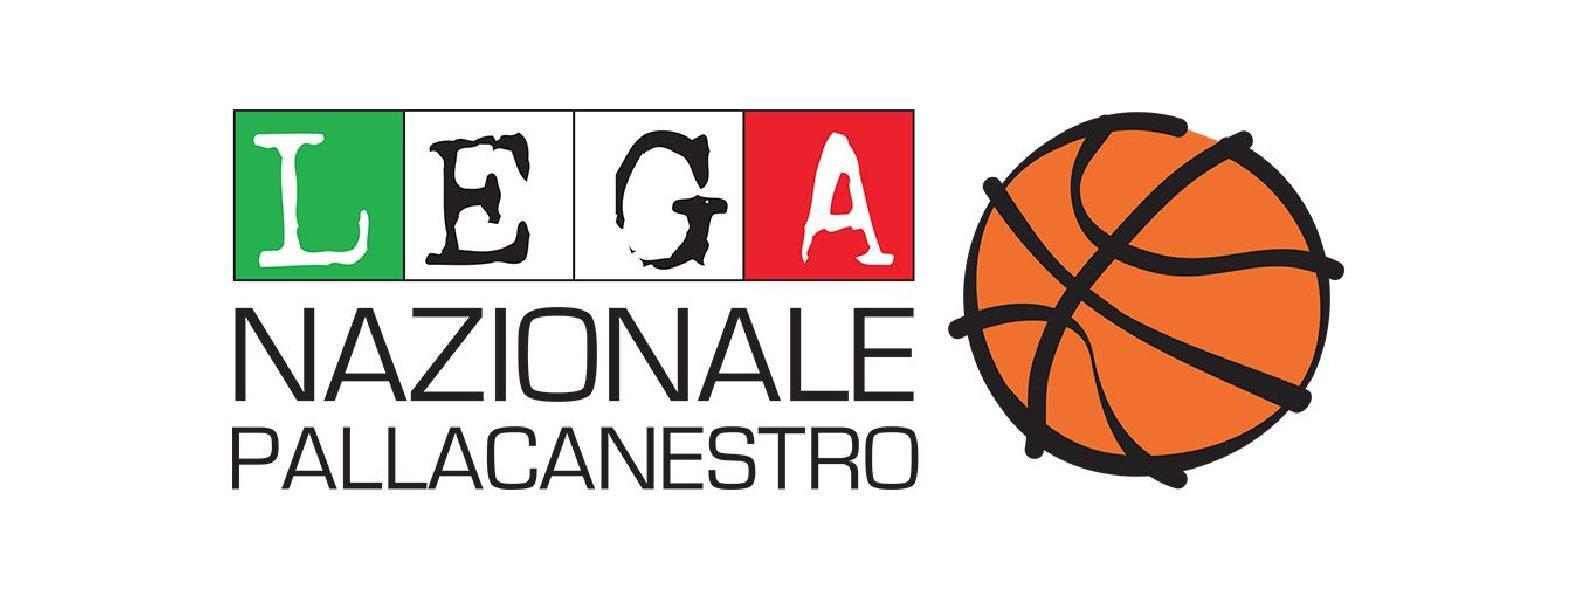 https://www.basketmarche.it/immagini_articoli/06-01-2019/accoppiamenti-final-eight-coppa-italia-serie-nazionale-600.jpg